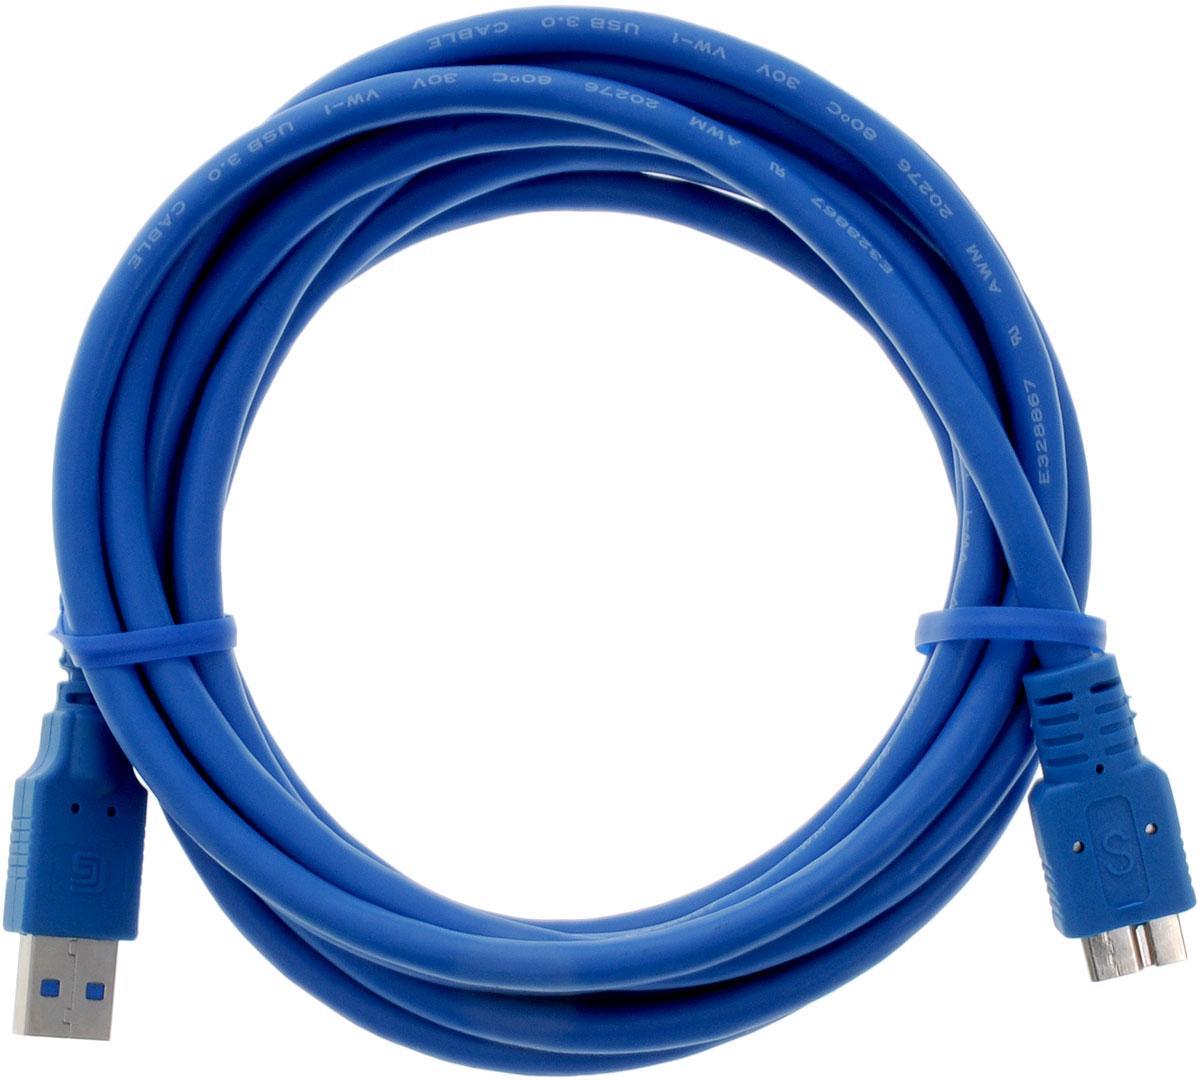 Greenconnect Premium GC-U3A03, Blue кабель microUSB 3.0-USB 3.0 (3 м)GC-U3A03-3mКабель Greenconnect Premium GC-U3A03 используется для подключения к персональному компьютеру или ноутбуку внешнего жесткого диска, Blu-Ray и другого оборудования имеющего разъем microUSB 3.0.Скорость передачи данных: до 5 ГбитОбратная совместимость с USB 2.0/1.1